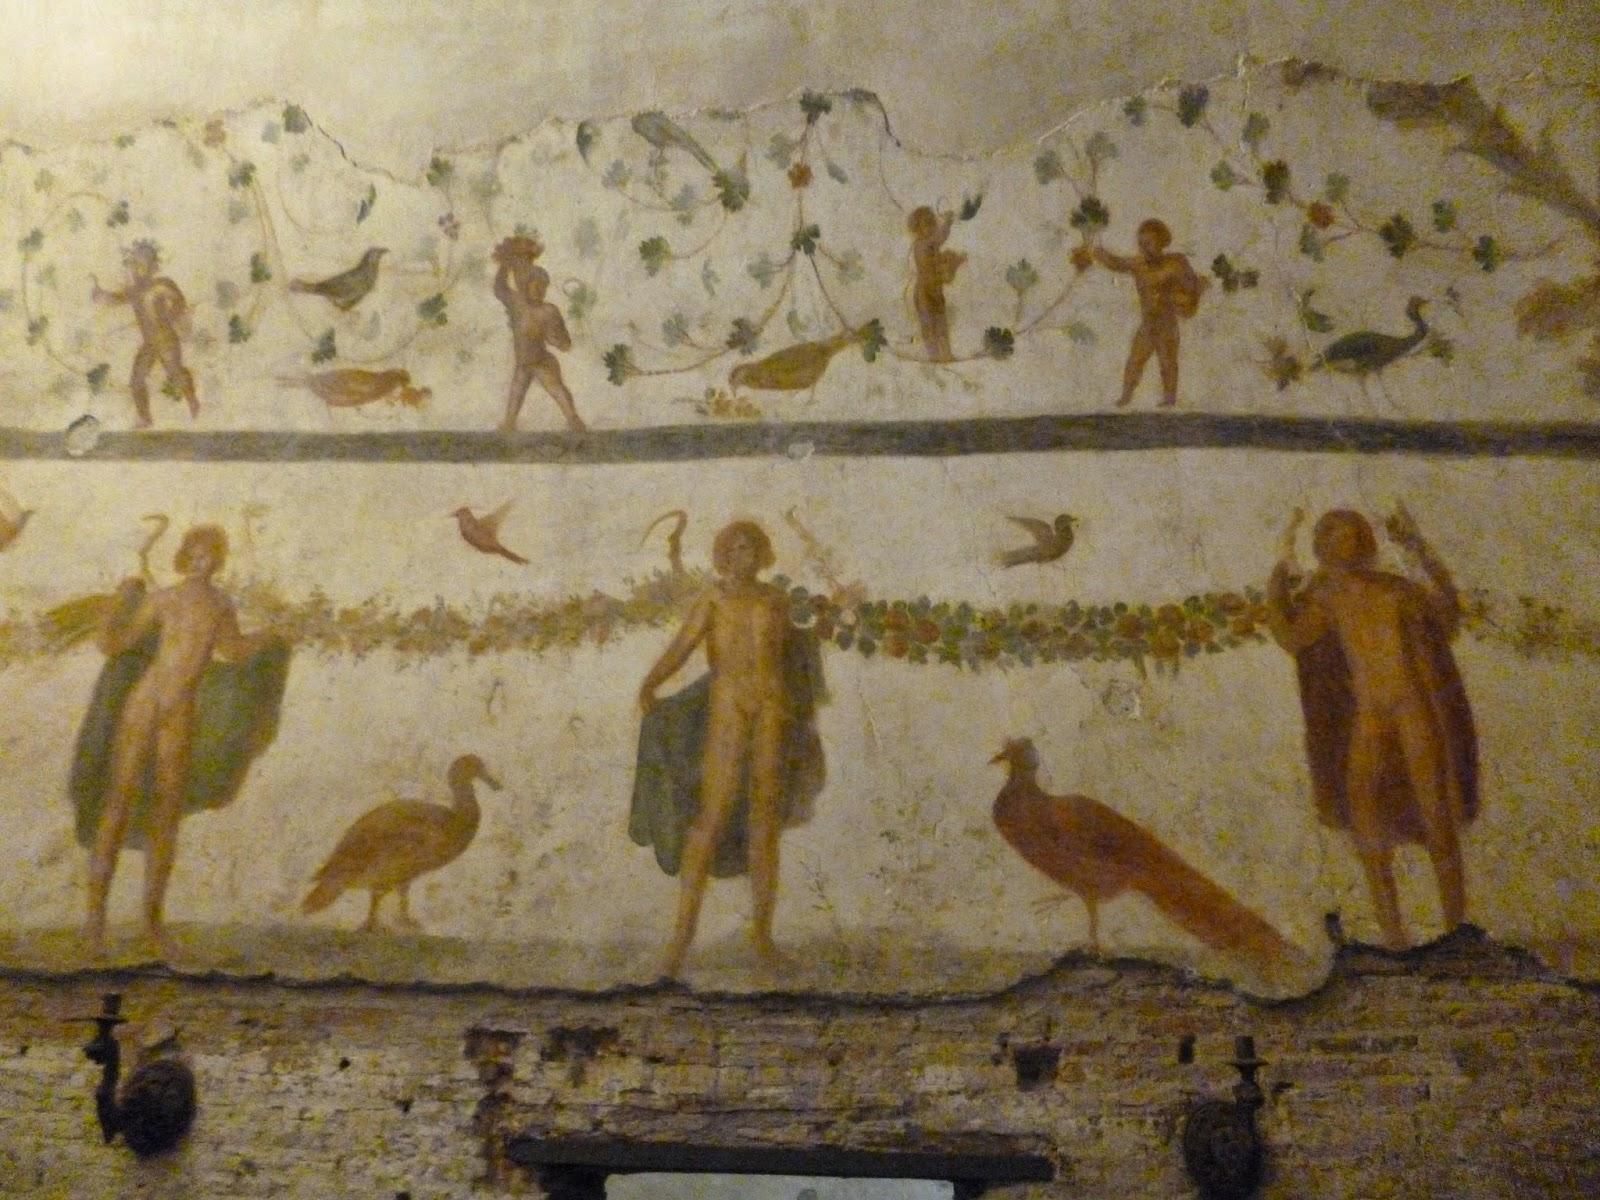 As casas romanas do Célio, temas pagãos